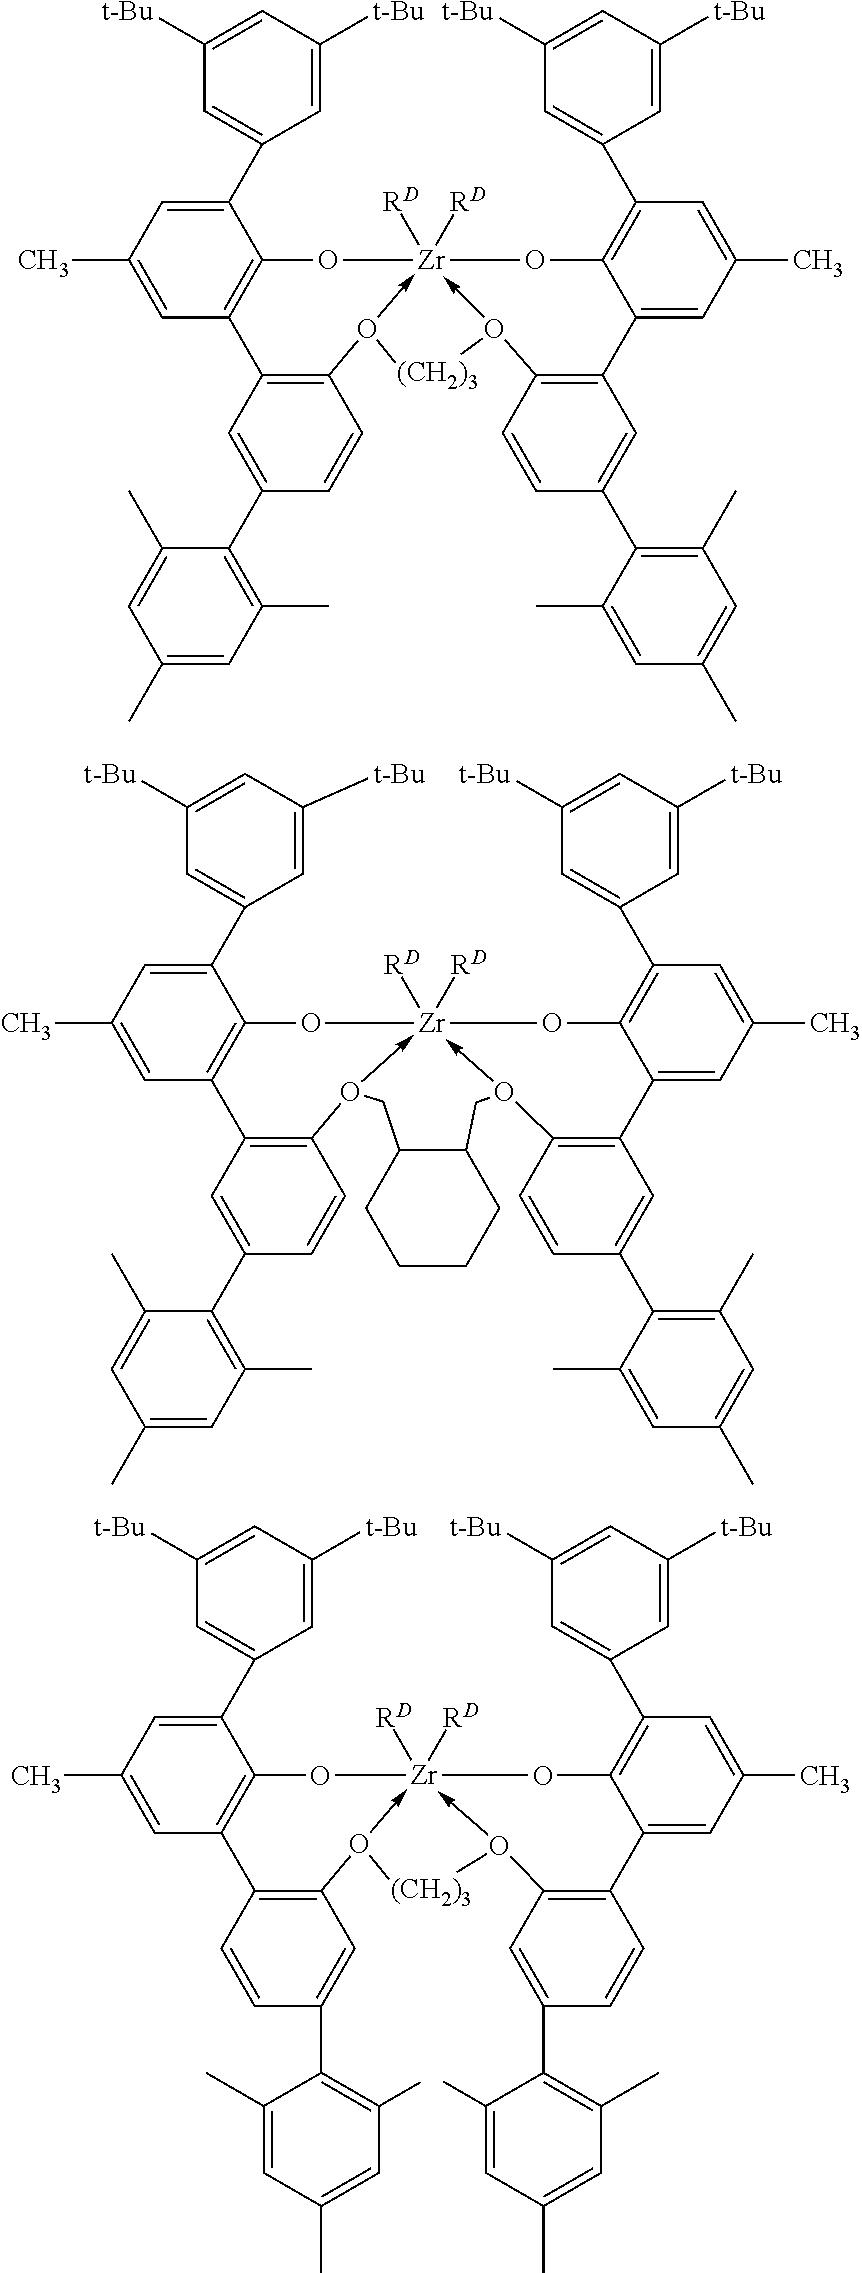 Figure US08450438-20130528-C00032